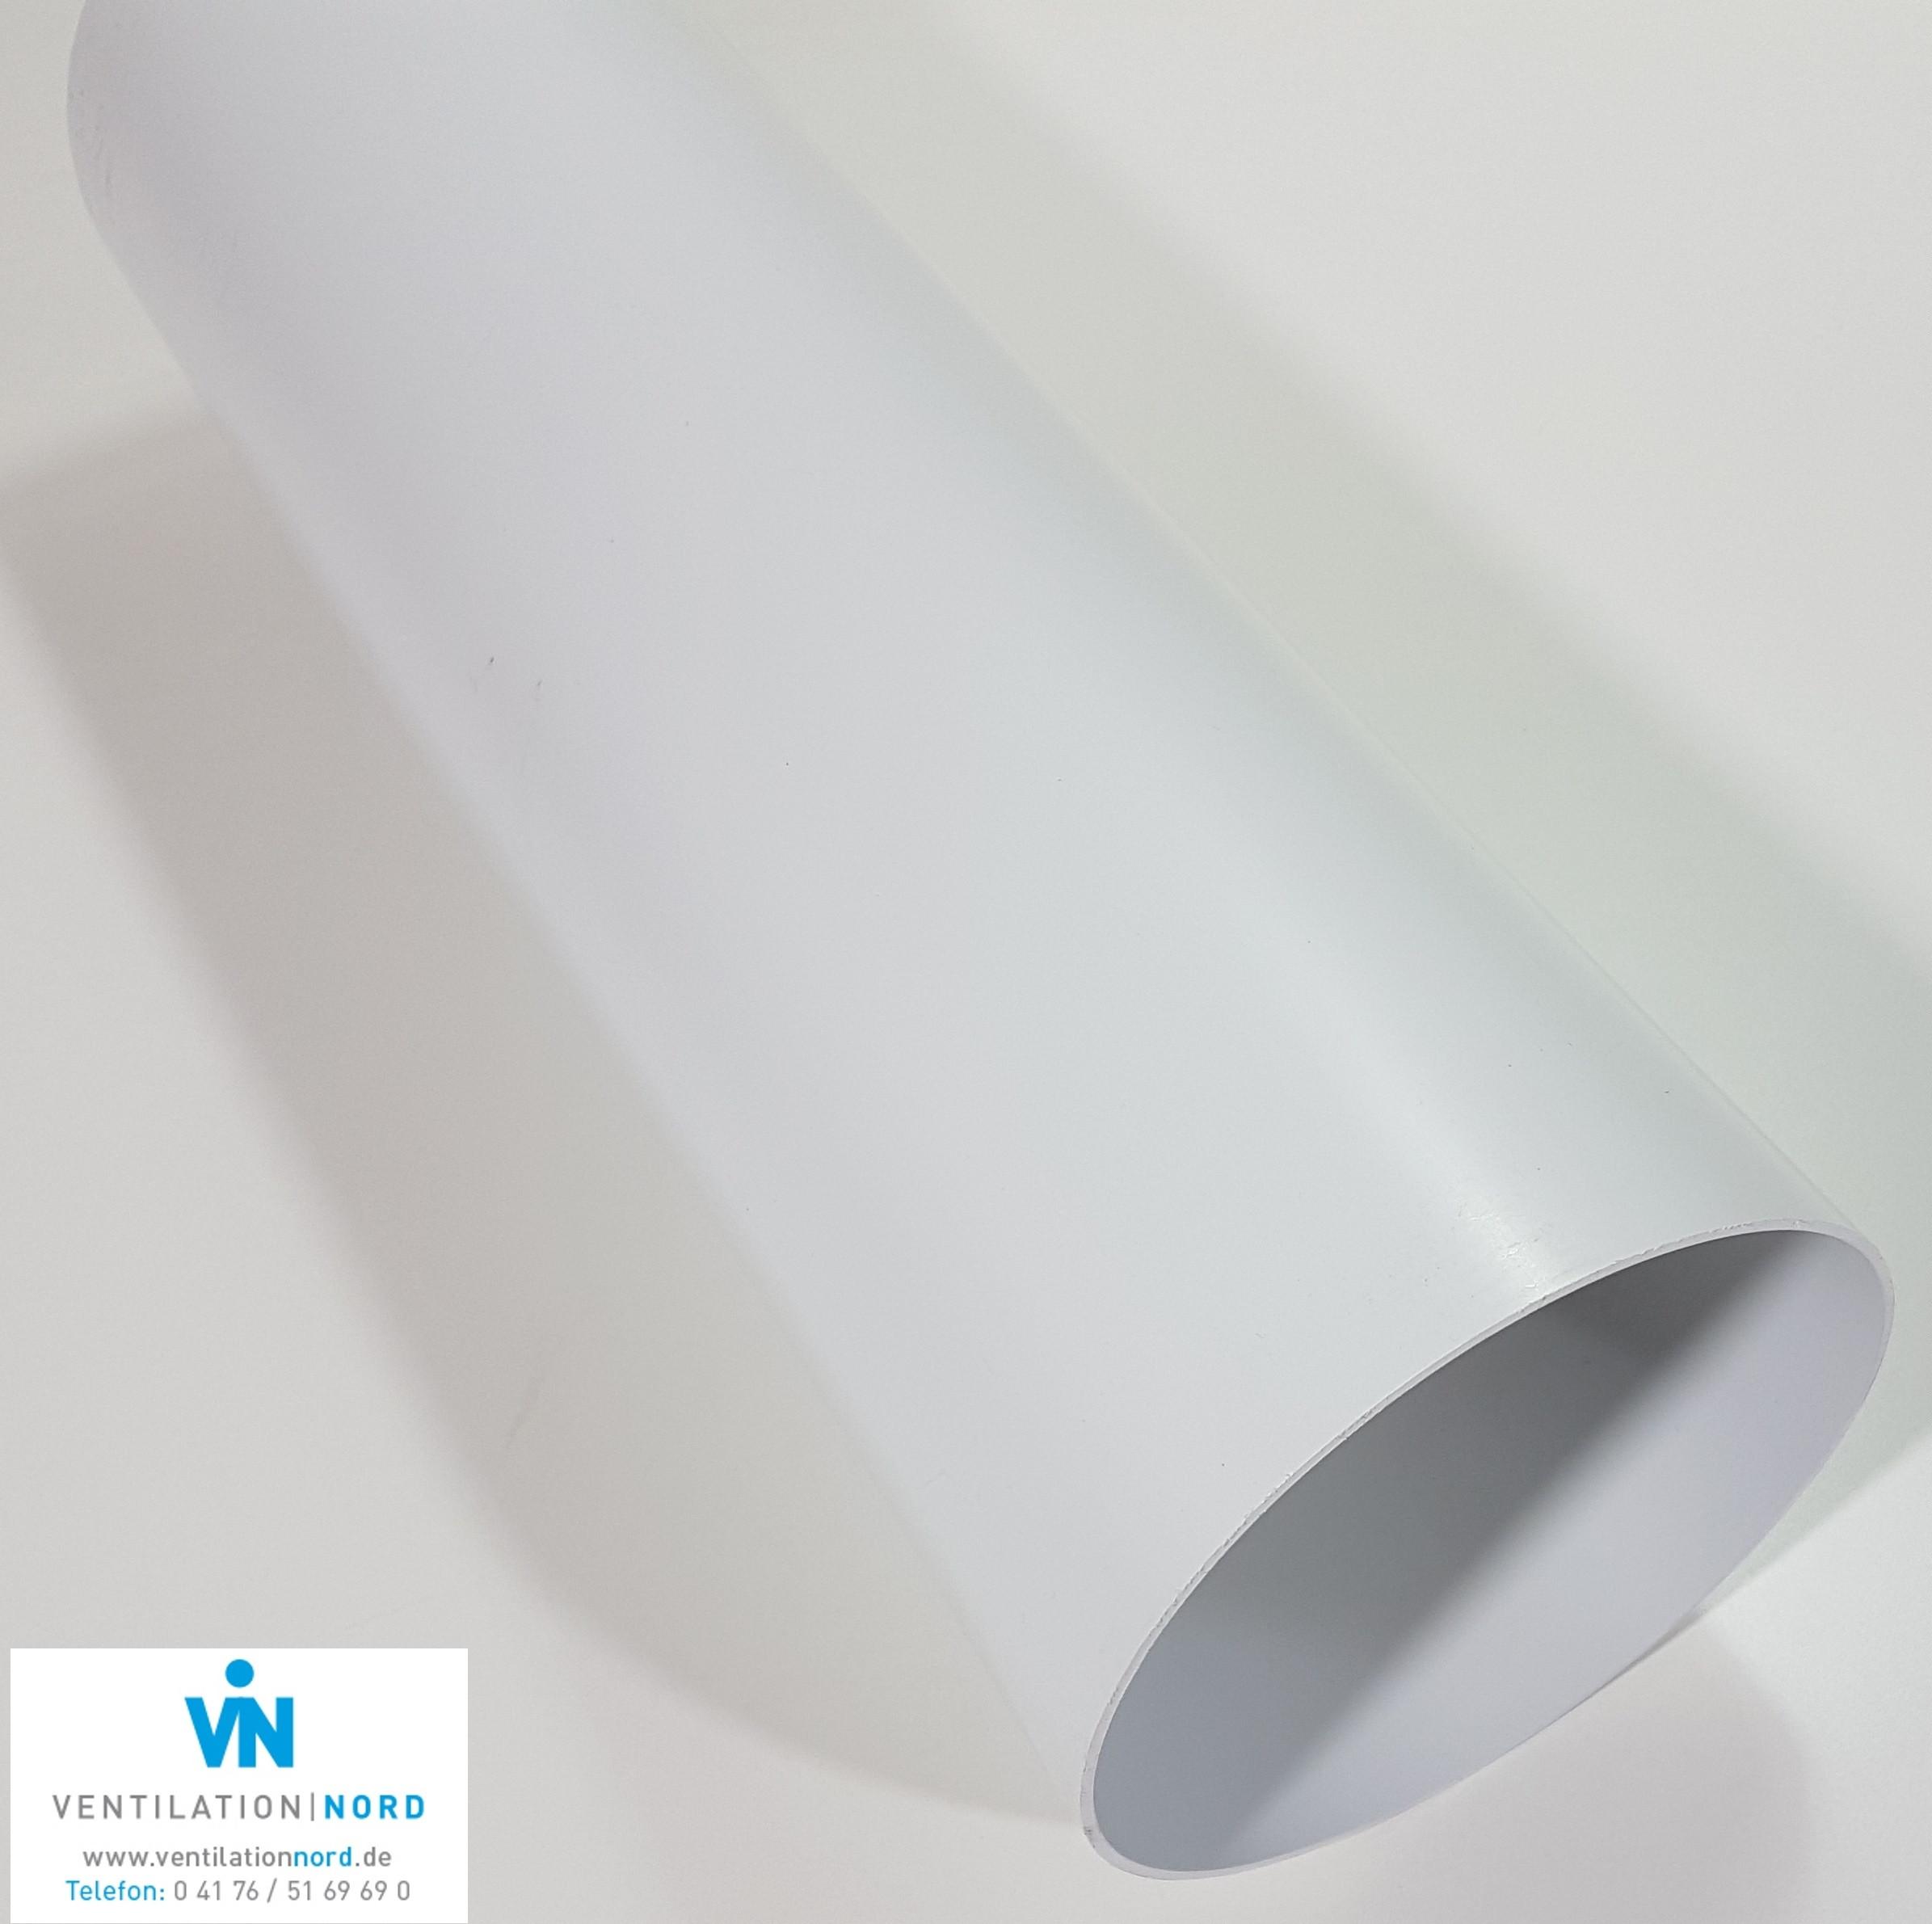 kunststoffrohr abluft zuluft z b f r dunstabzug nw150 0 5m lang flachkanal rohr kunststoff. Black Bedroom Furniture Sets. Home Design Ideas